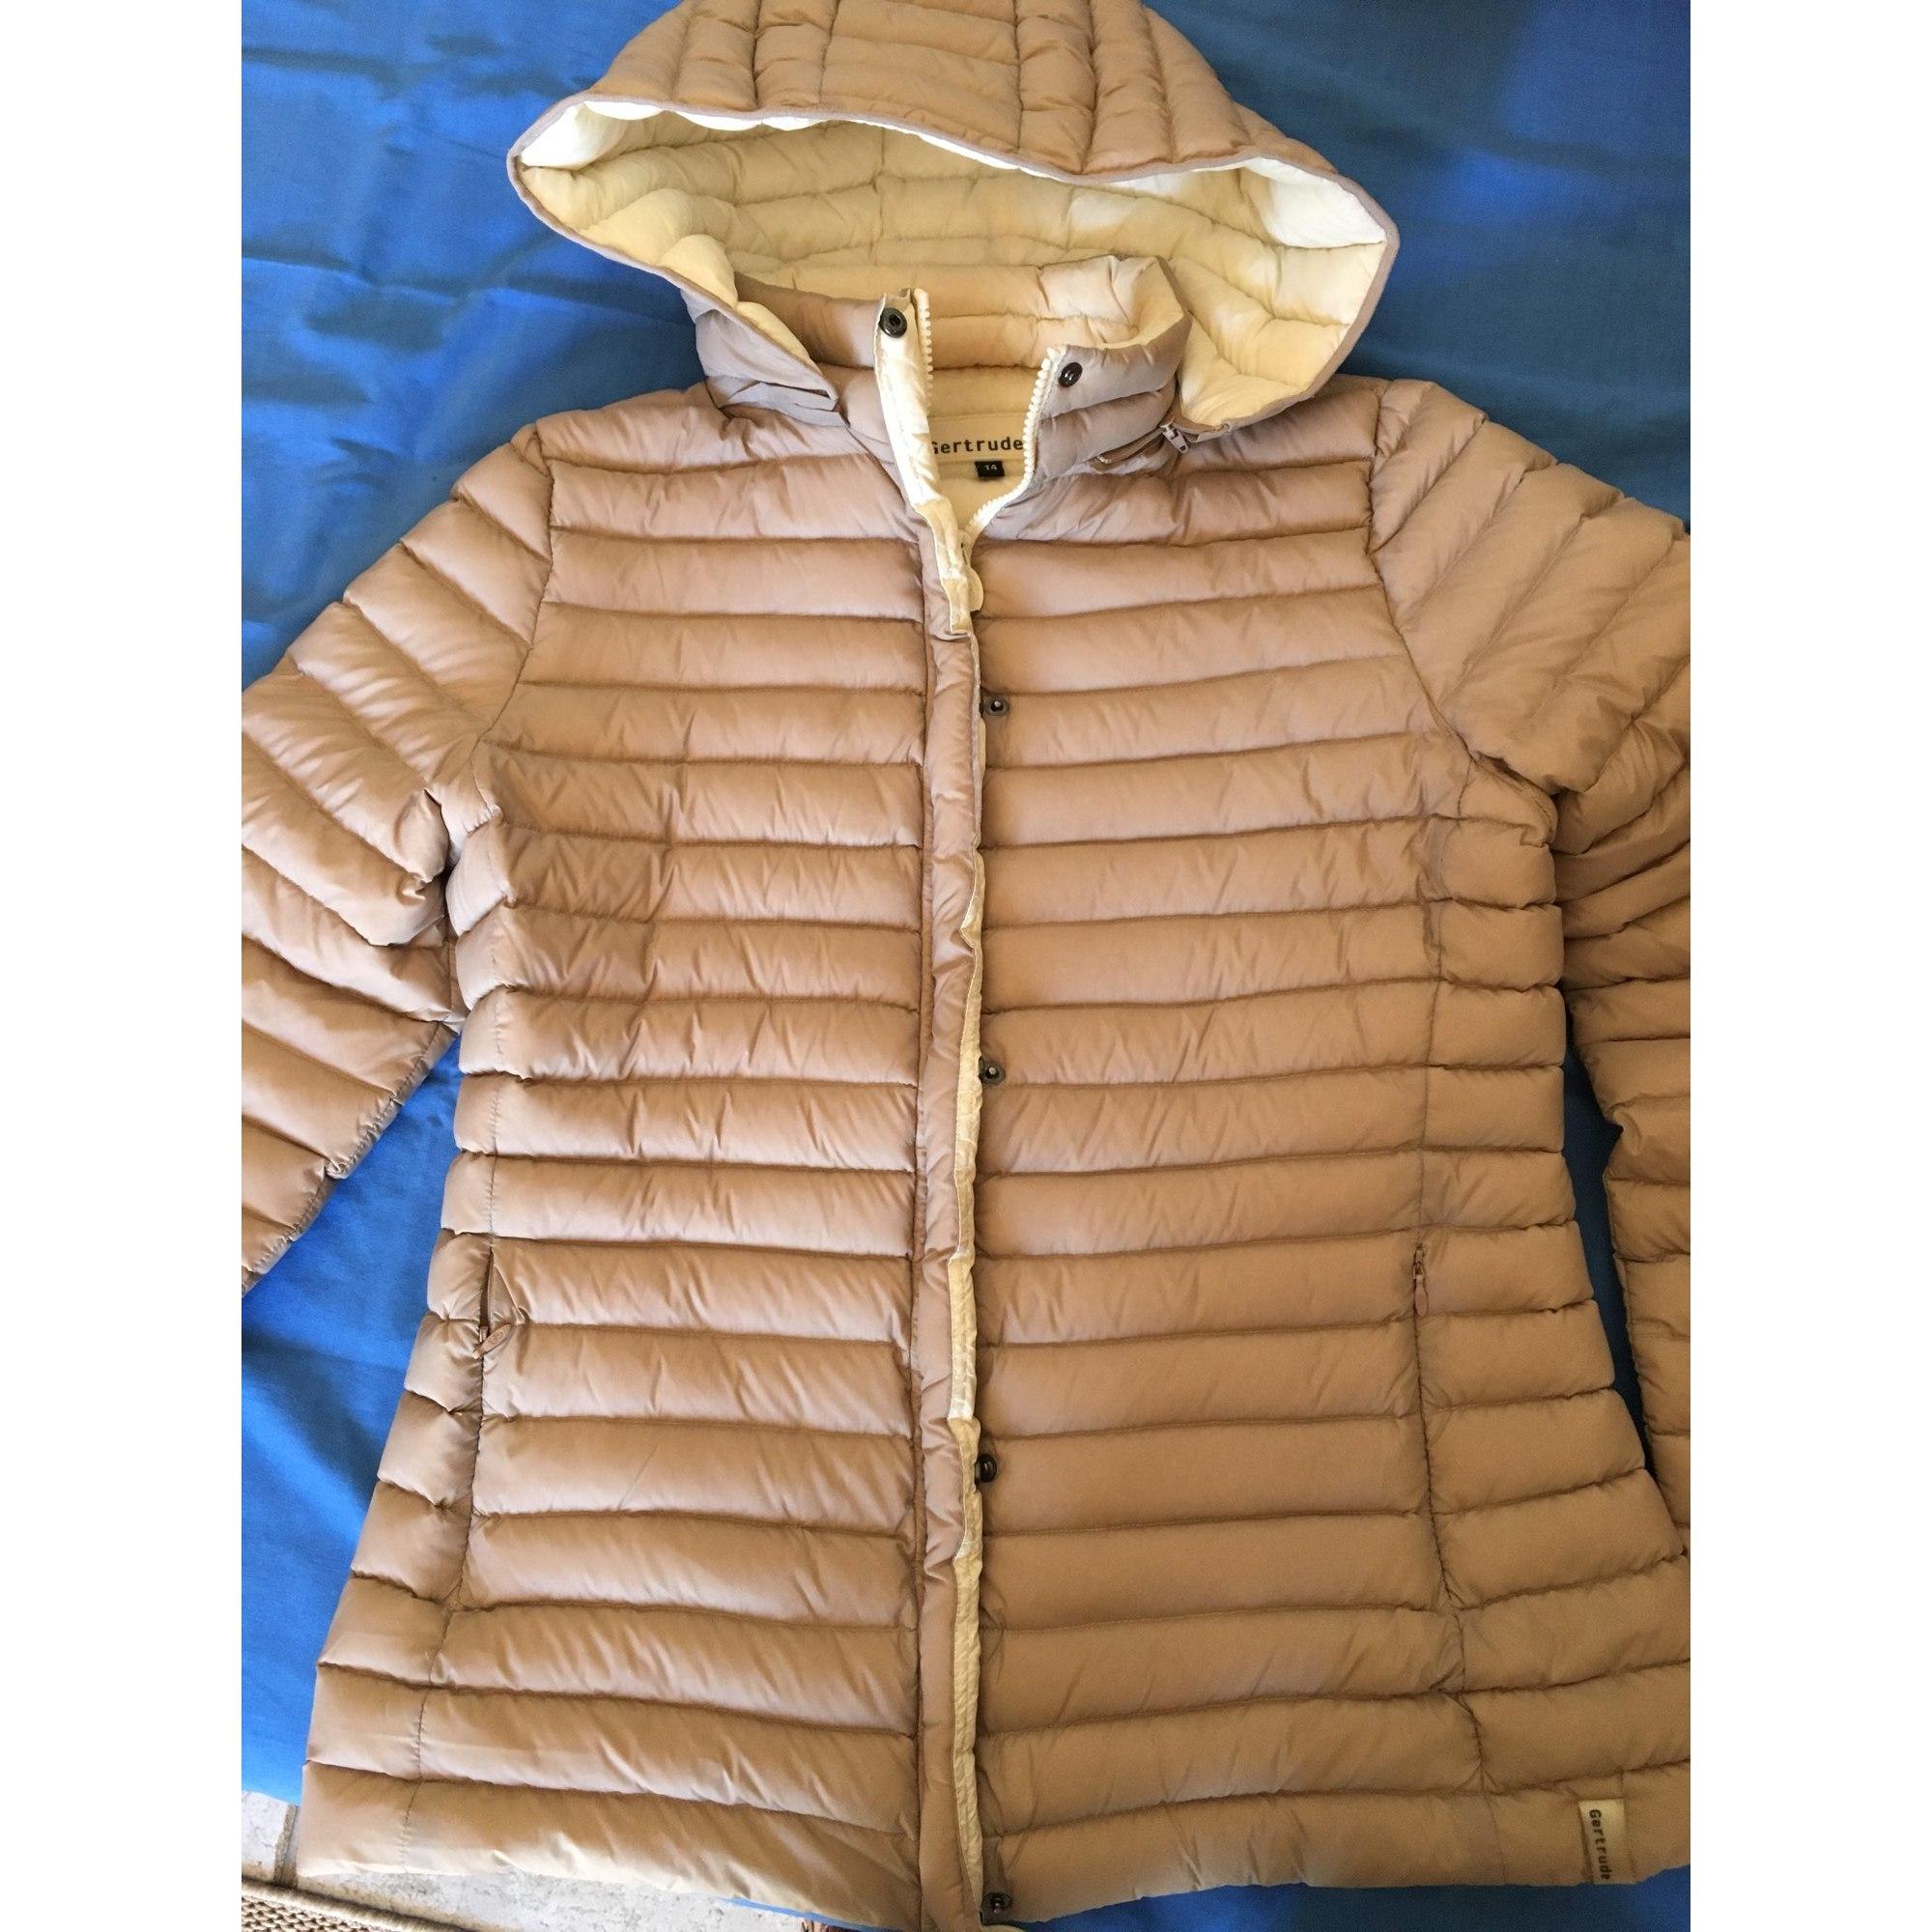 Doudoune GERTRUDE 42 (L XL, T4) beige vendu par Cerniac - 6586739 380d4d3ade52